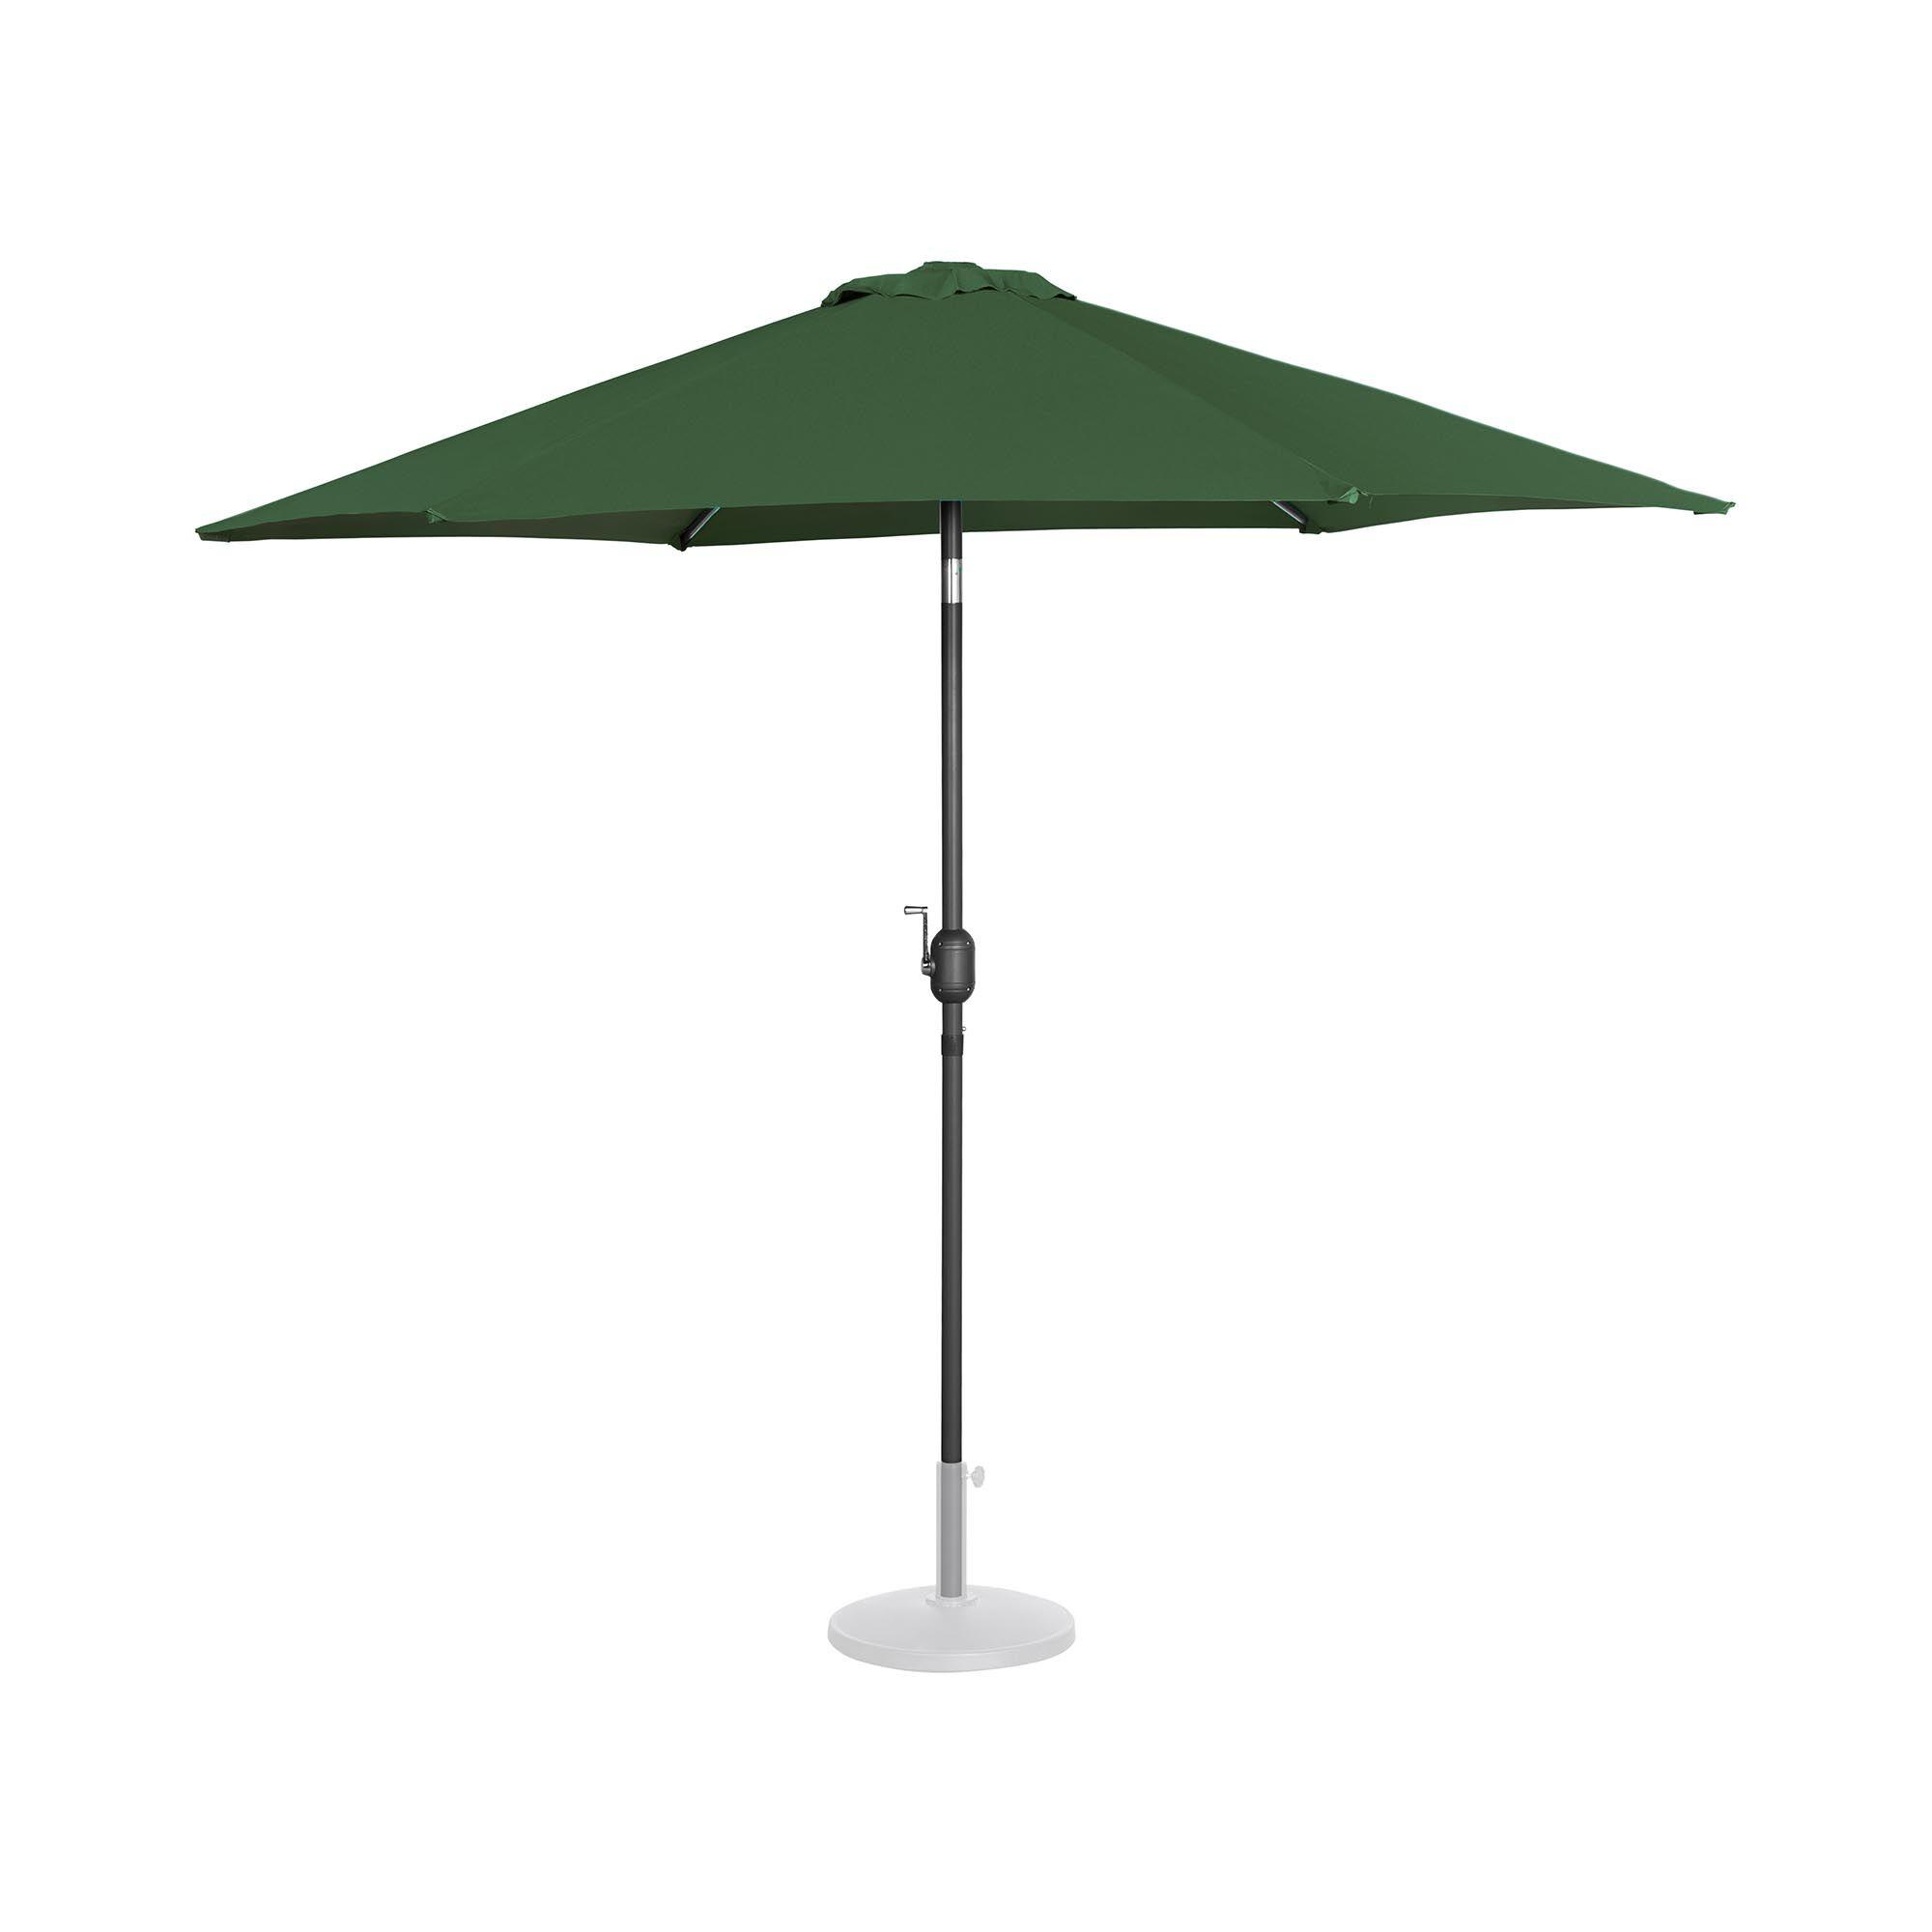 Uniprodo Ombrellone palo centrale grande - verde - esagonale - Ø 270 cm - inclinabile UNI_UMBRELLA_R270GR